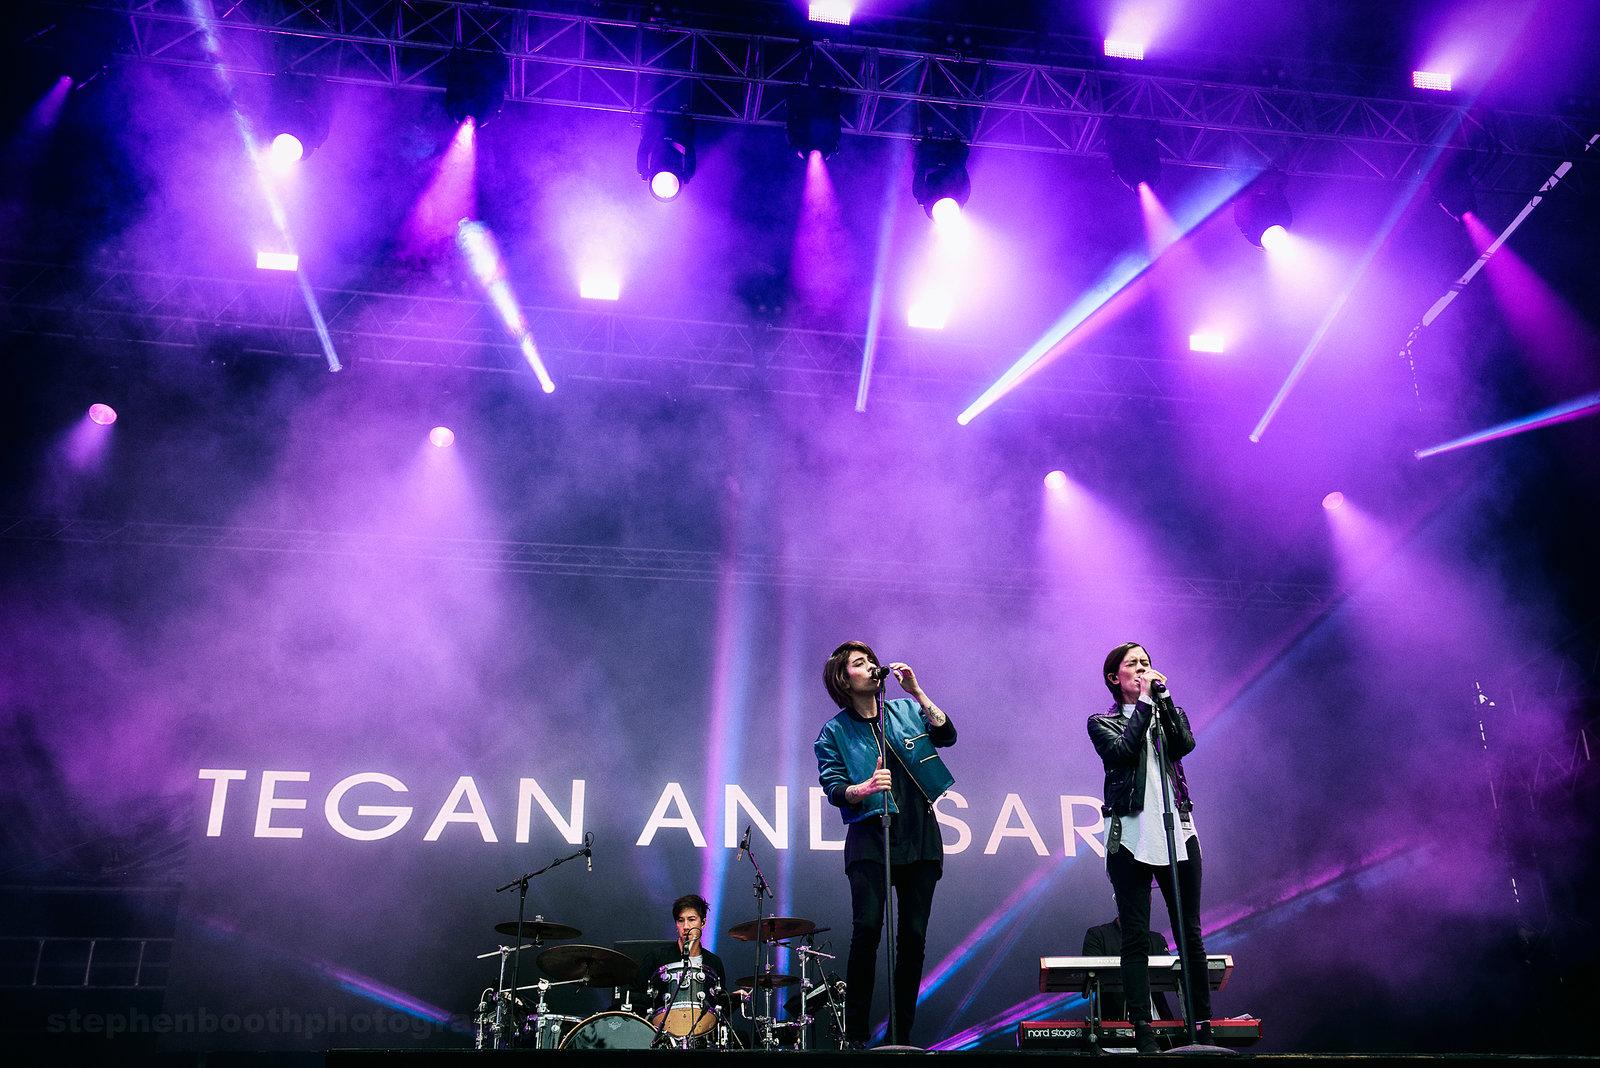 Tegan and Sara - SITG 2016